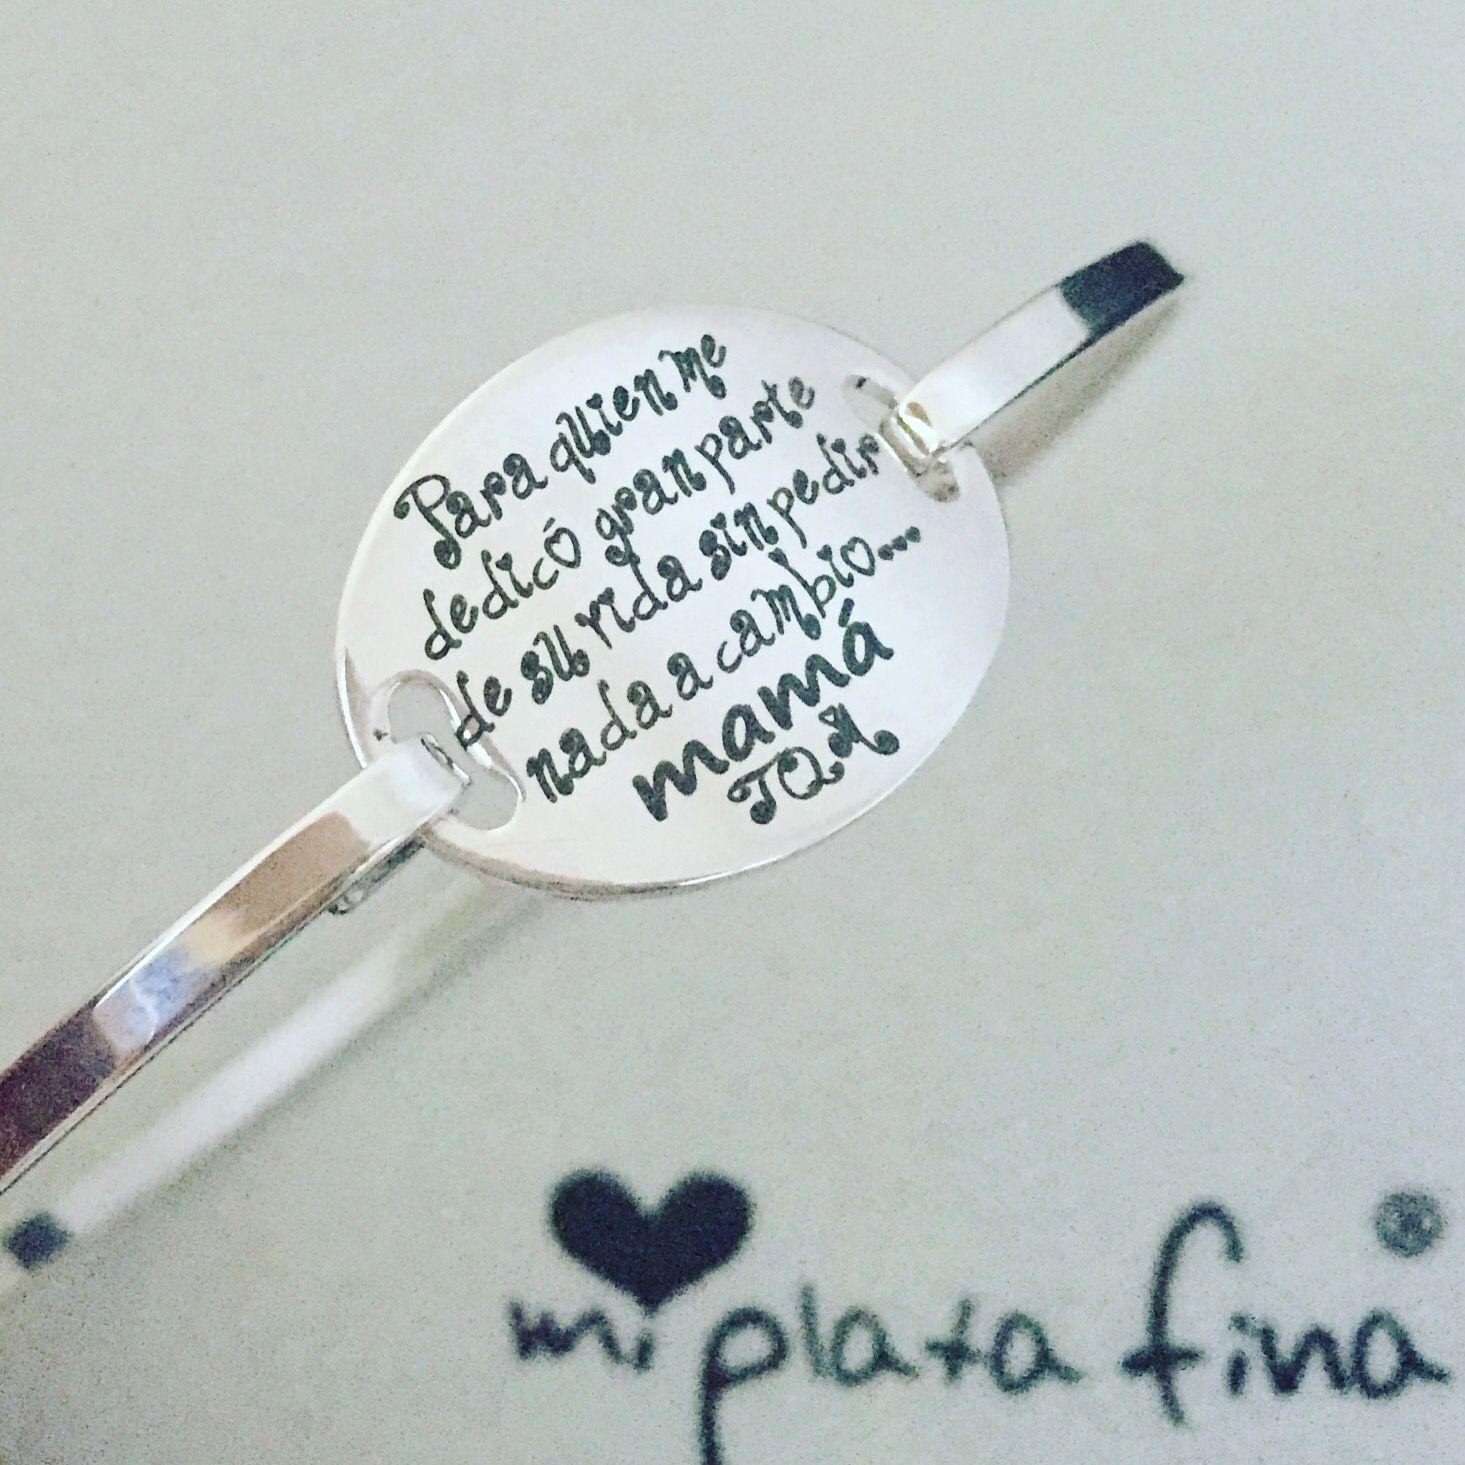 Brazalete Oval Silver En Plata De Ley Grabado Especial Mensaje Para Mamá Posibilidad De Grabar El Men Joyas Grabadas Estampación De Metales Mensaje Para Mama